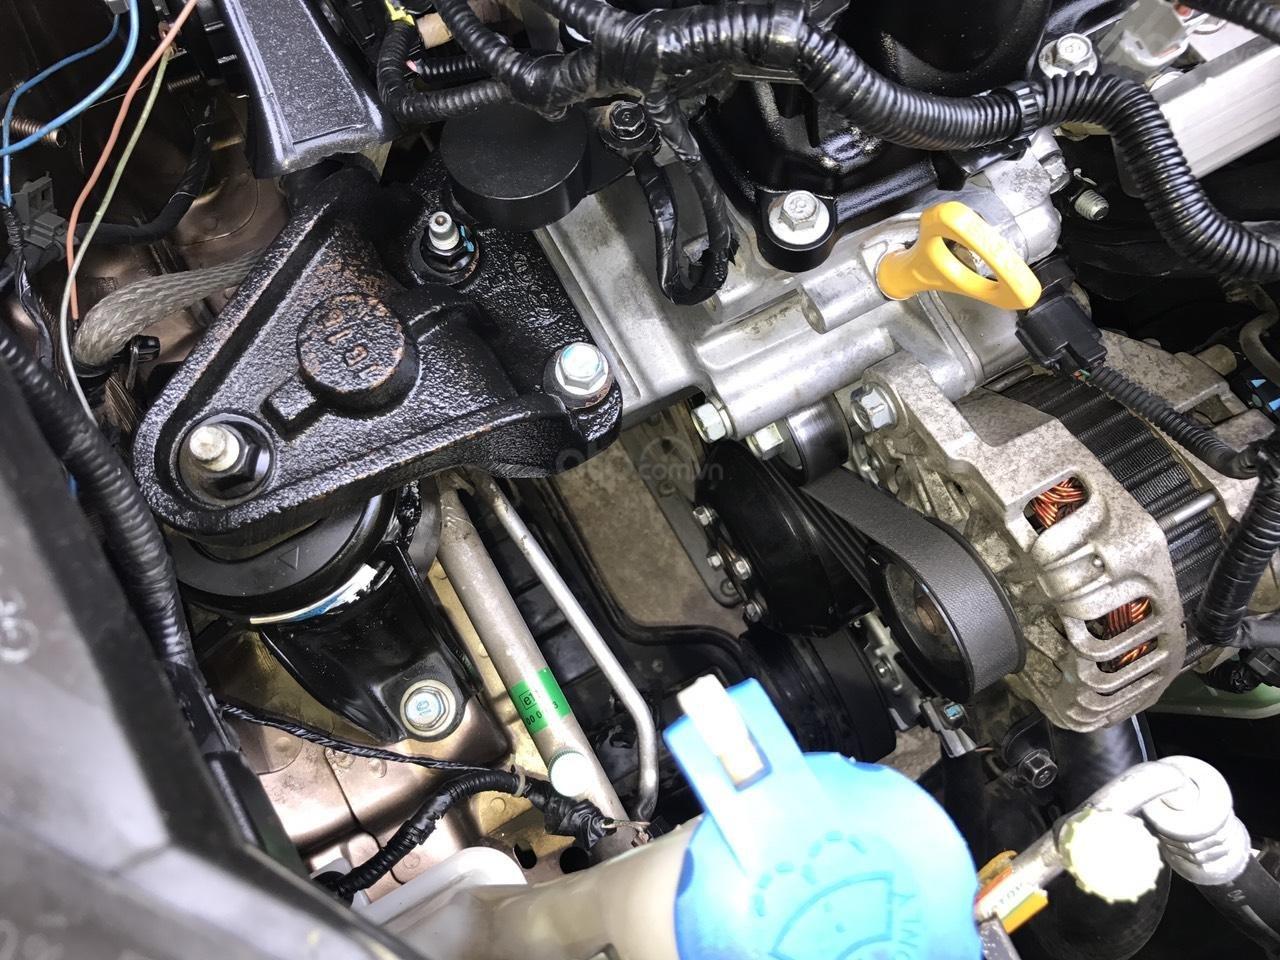 Bán ô tô Kia Morning Sport đời 2011, màu nâu, nhập khẩu, bản full 8 túi khí, đề nồ start, xe tuyển (11)